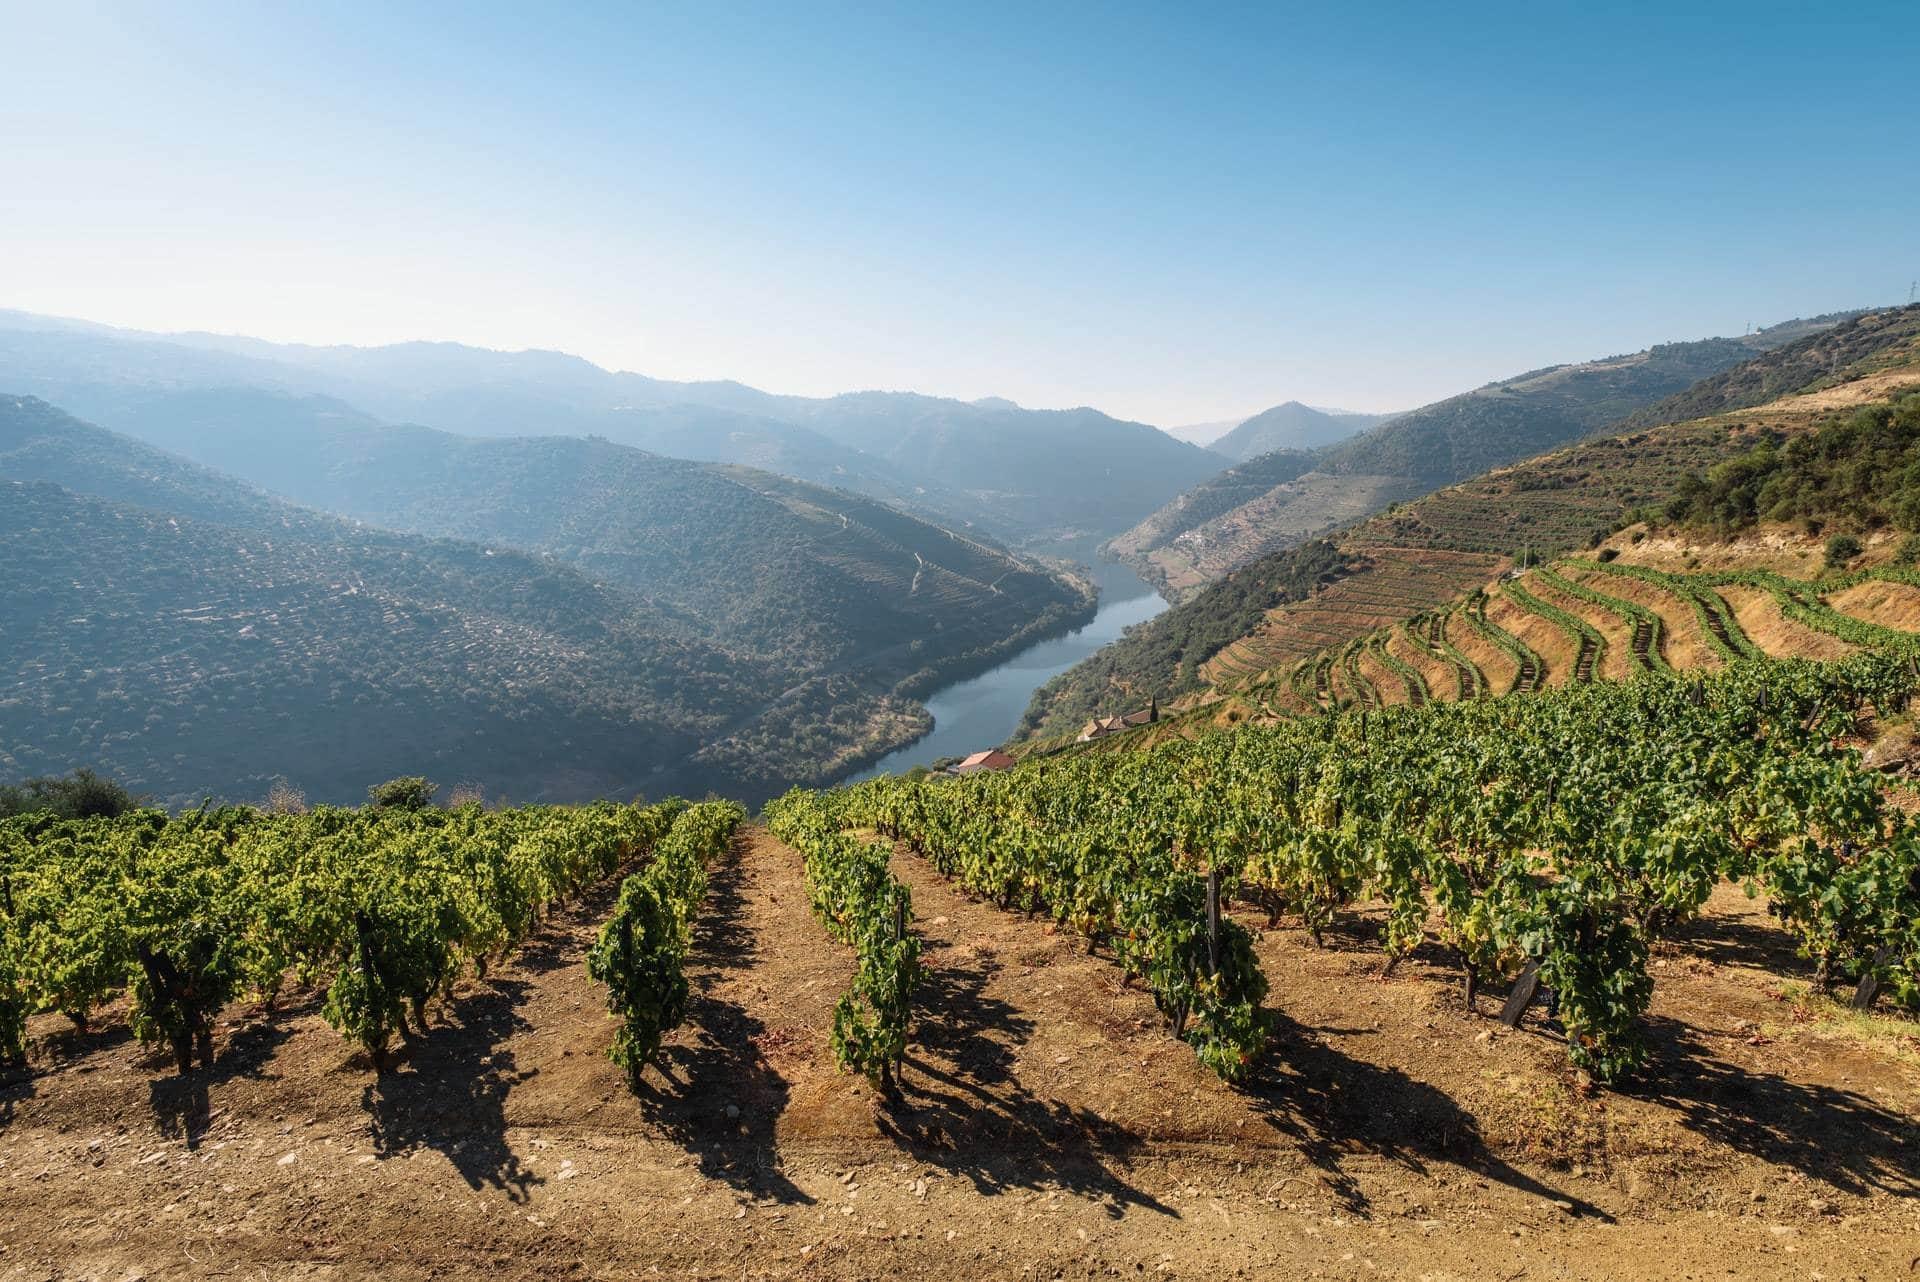 Región vinícola del Duero